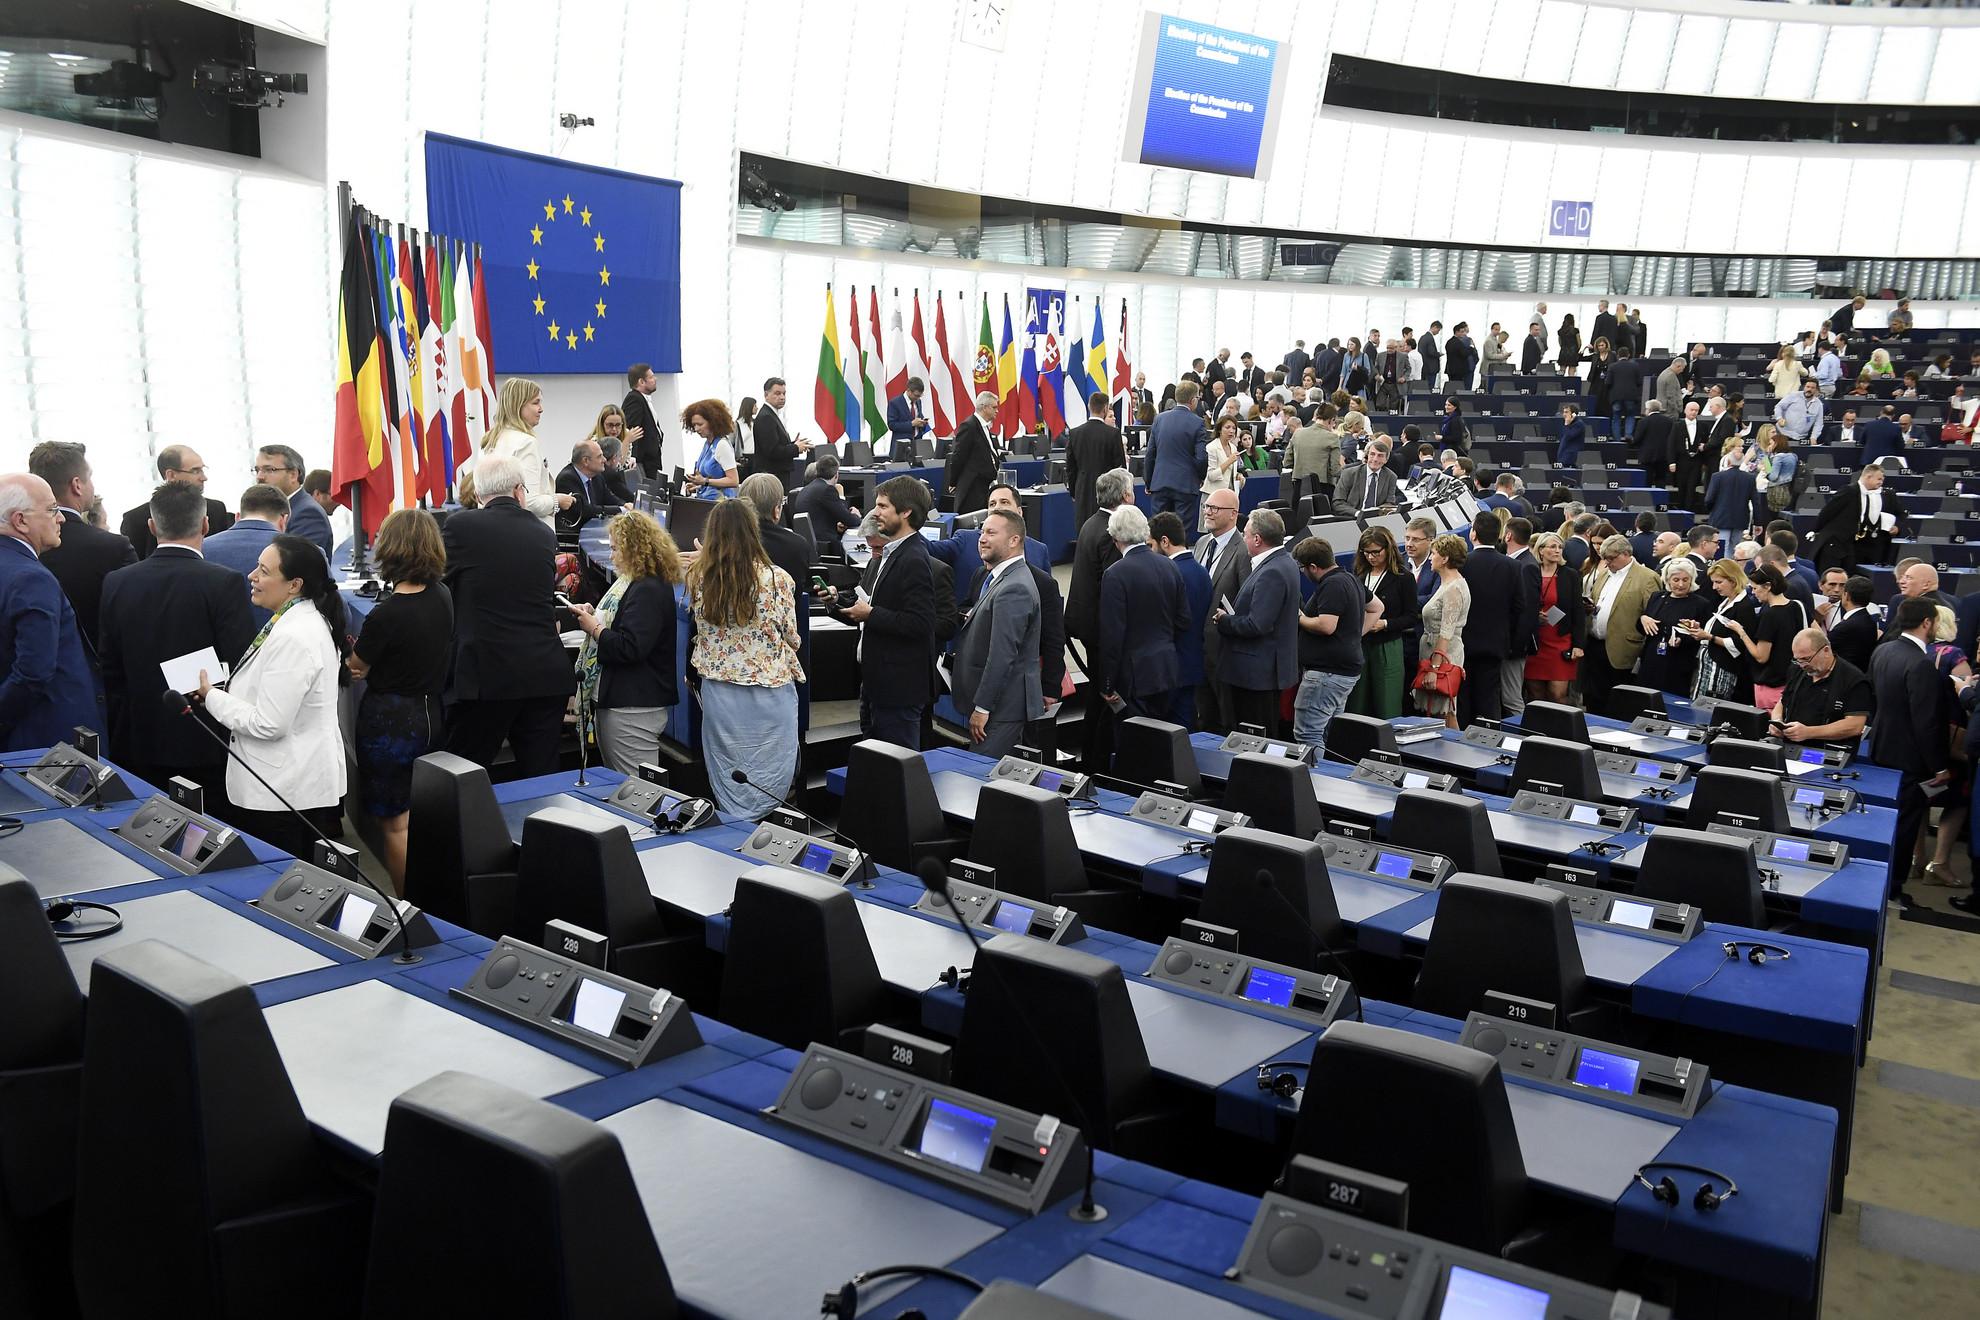 Képviselők sorban állnak az Európai Bizottság élére jelölt Ursula von der Leyen német kereszténydemokrata politikus megválasztásáról szóló szavazáson az Európai Parlament (EP) plenáris ülésén Strasbourgban 2019. július 16-án